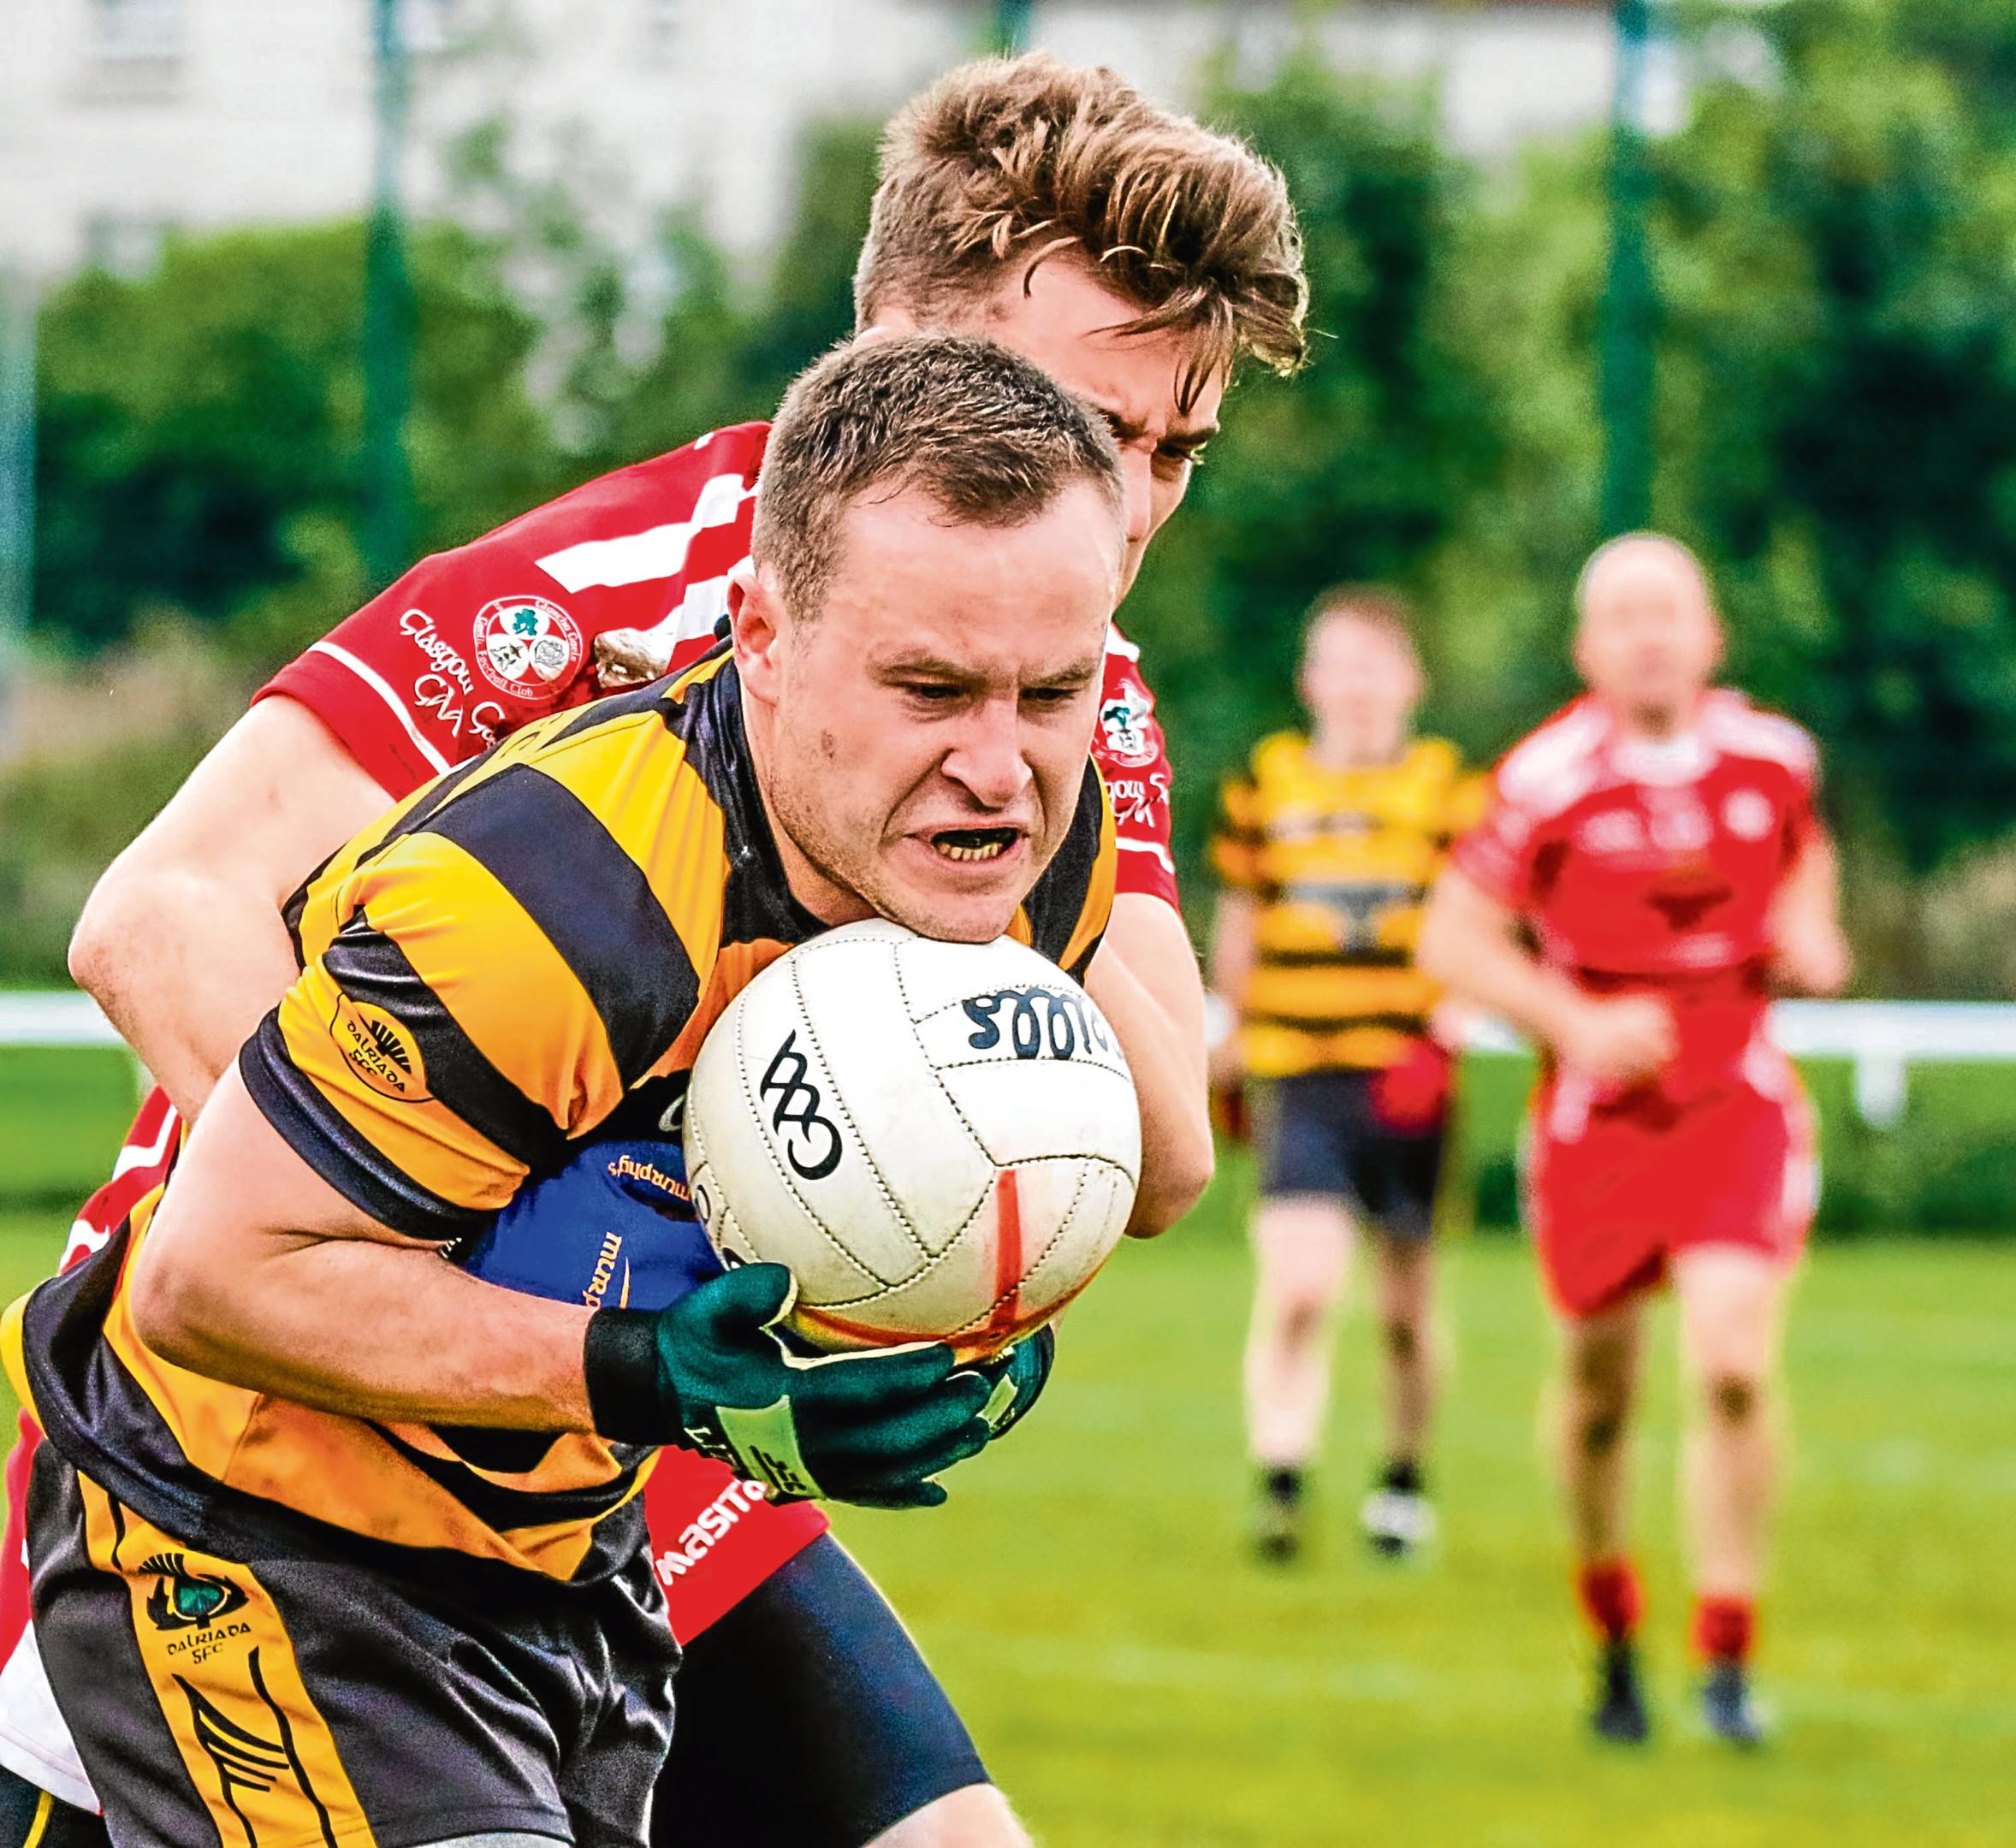 Aberdeen's Gaelic football side, Dalriada